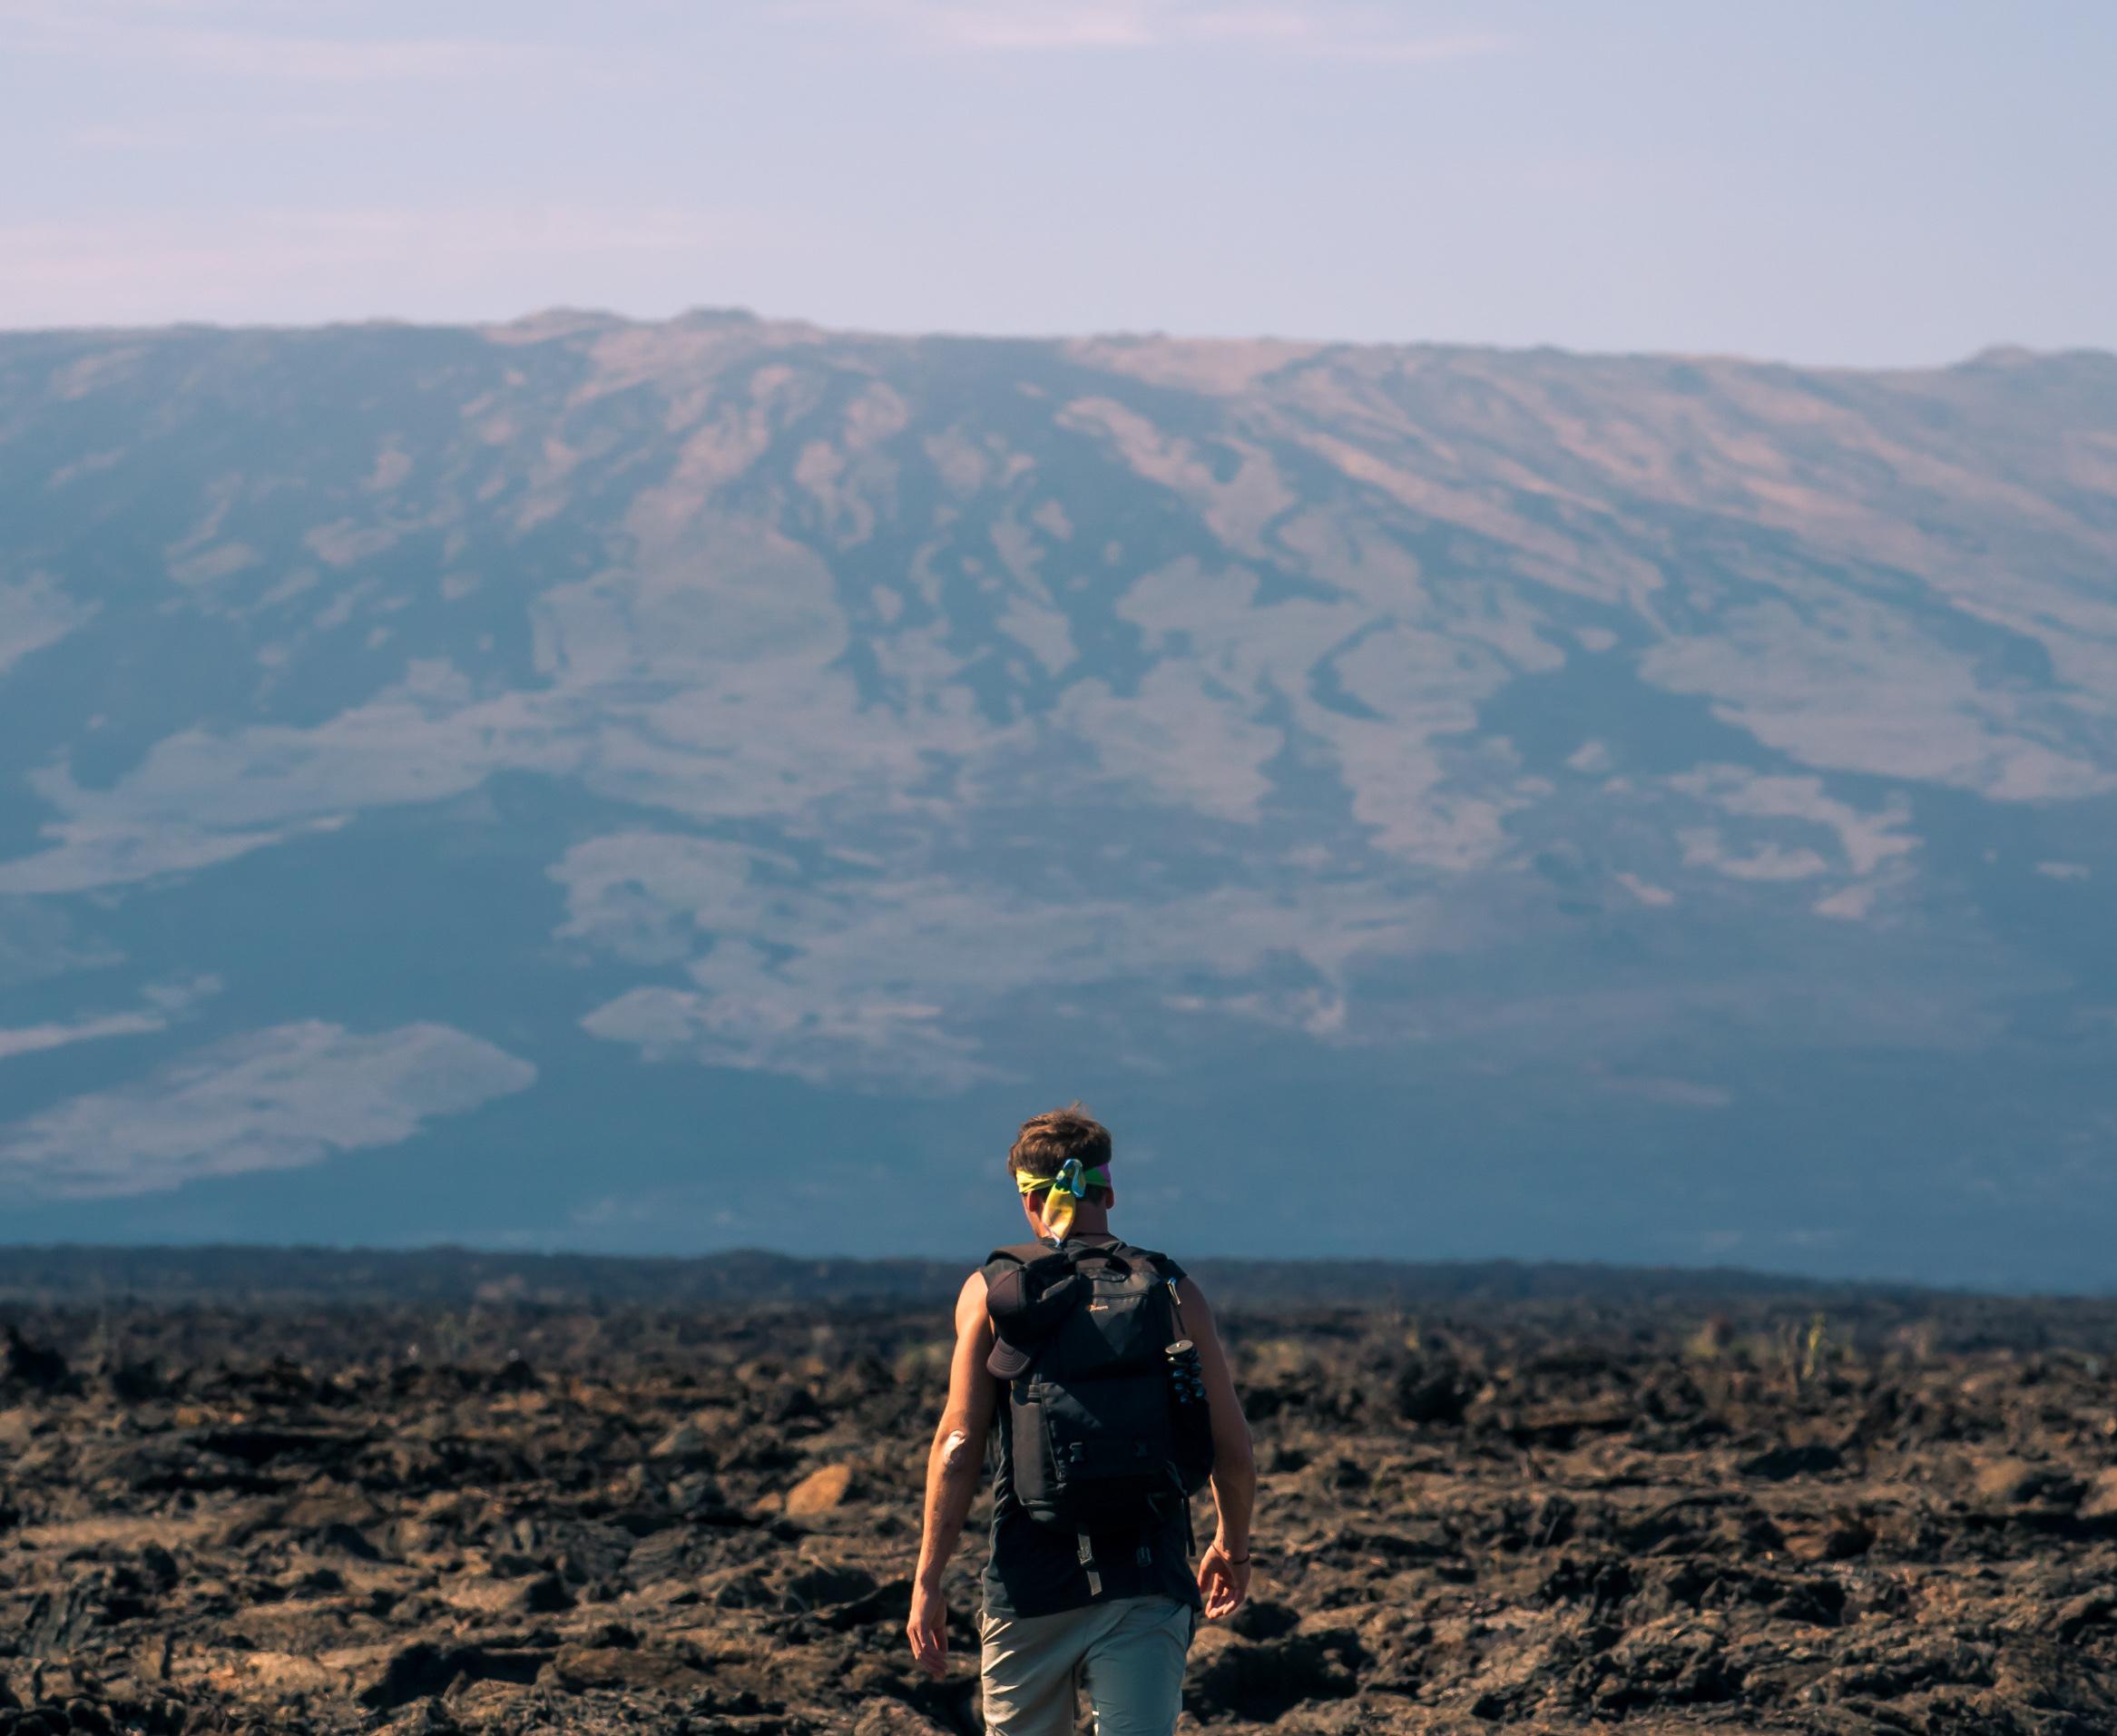 Reise in Galapagos und Ecuador in Südamerika. Ein Mann unternimmt eine Vulkanwanderung und läuft in Richtung der Berge im Hintergrund.